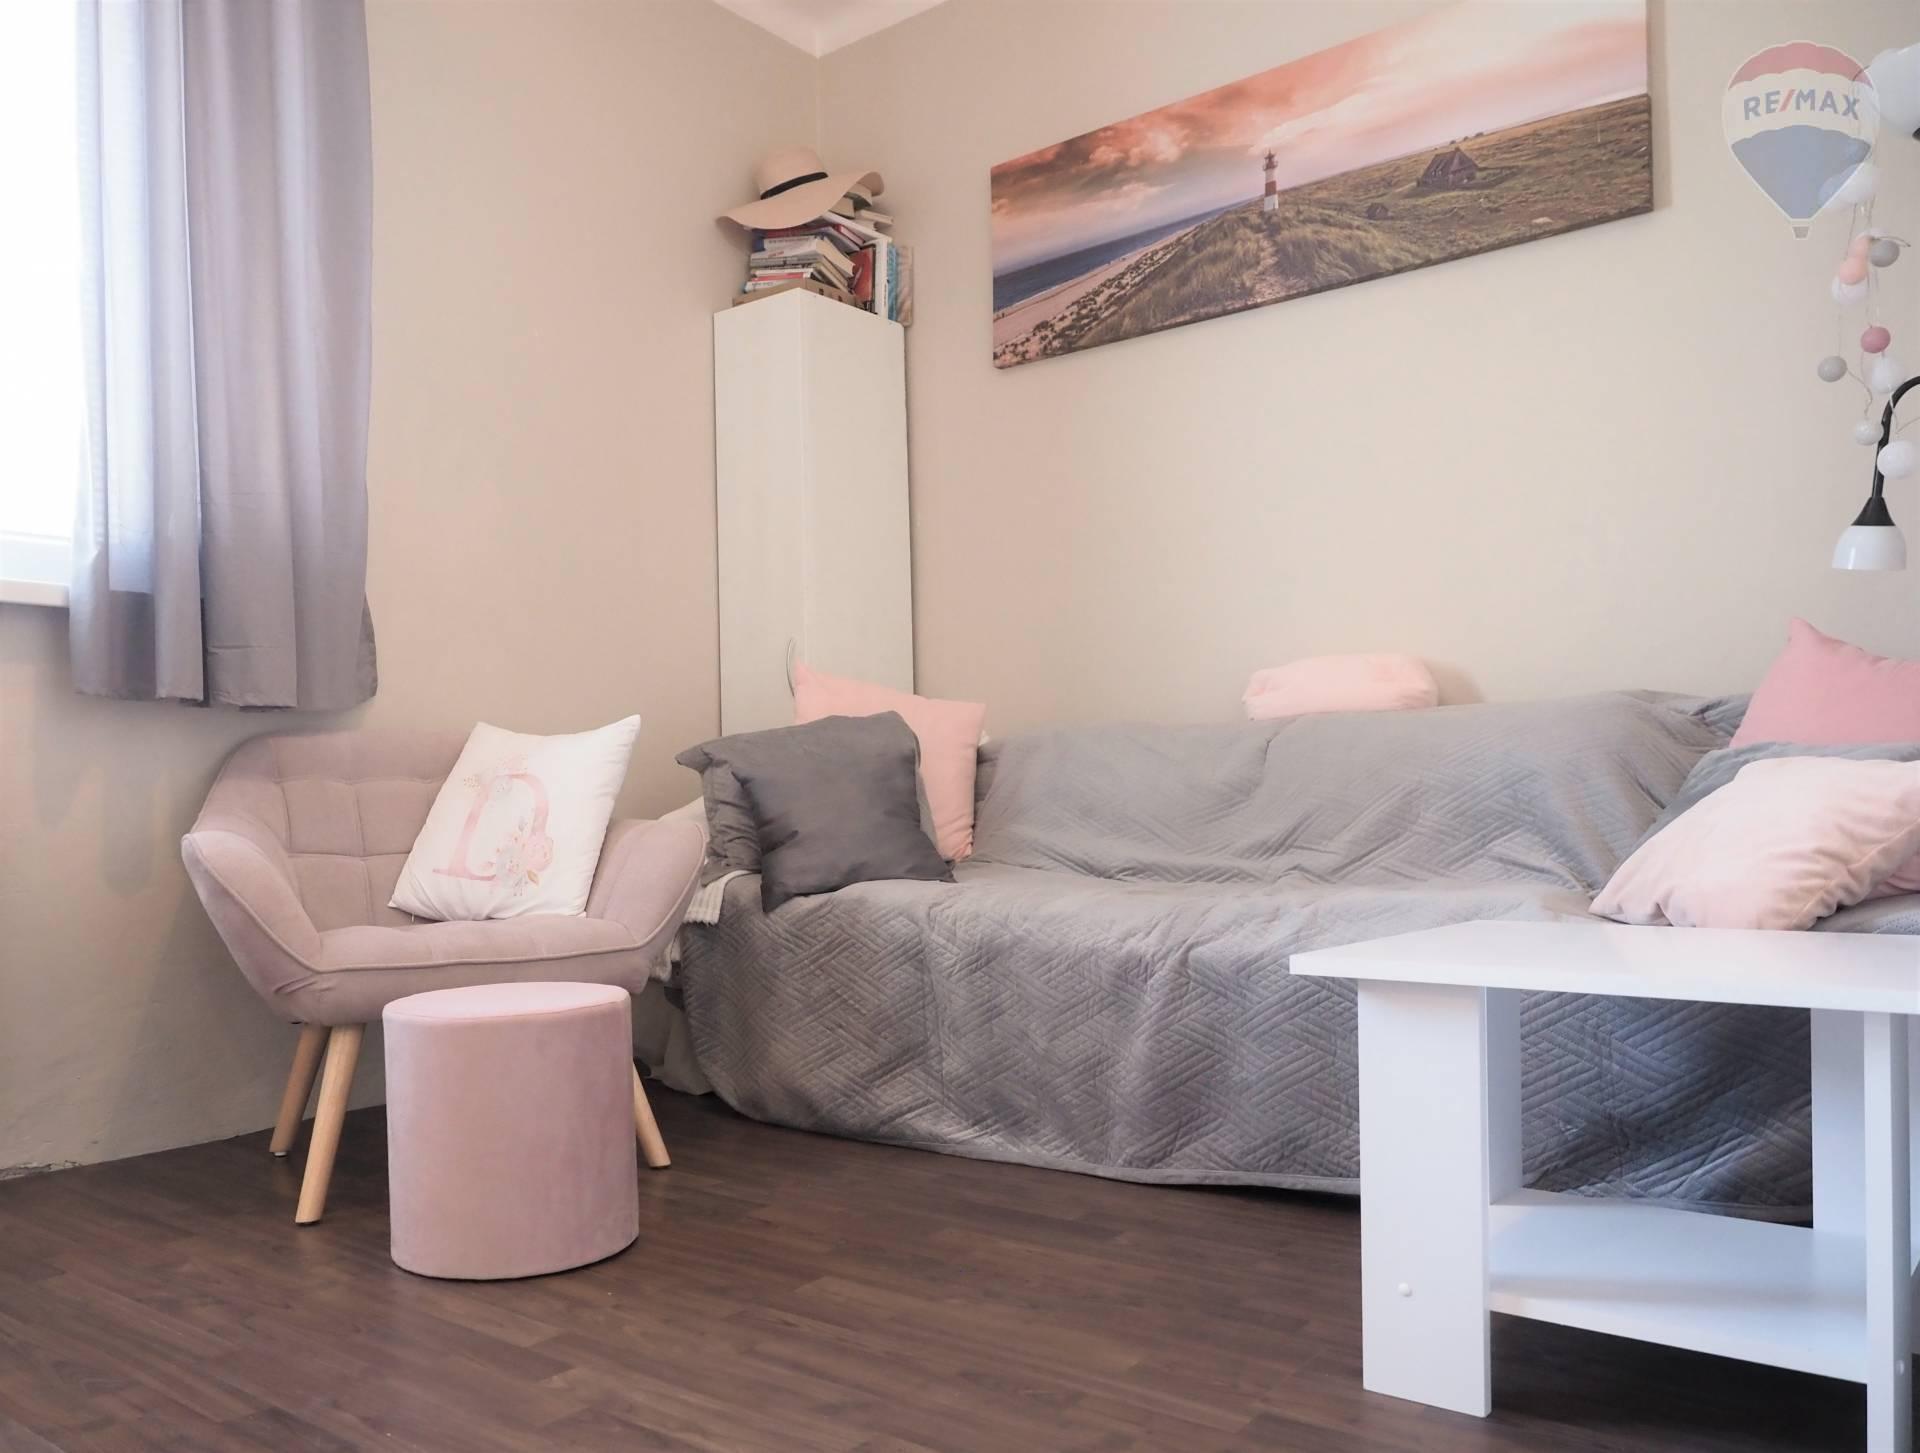 Prenájom menšieho 1 izb. tehlového bytu vo vynikajúcej lokalite, Športová ulica